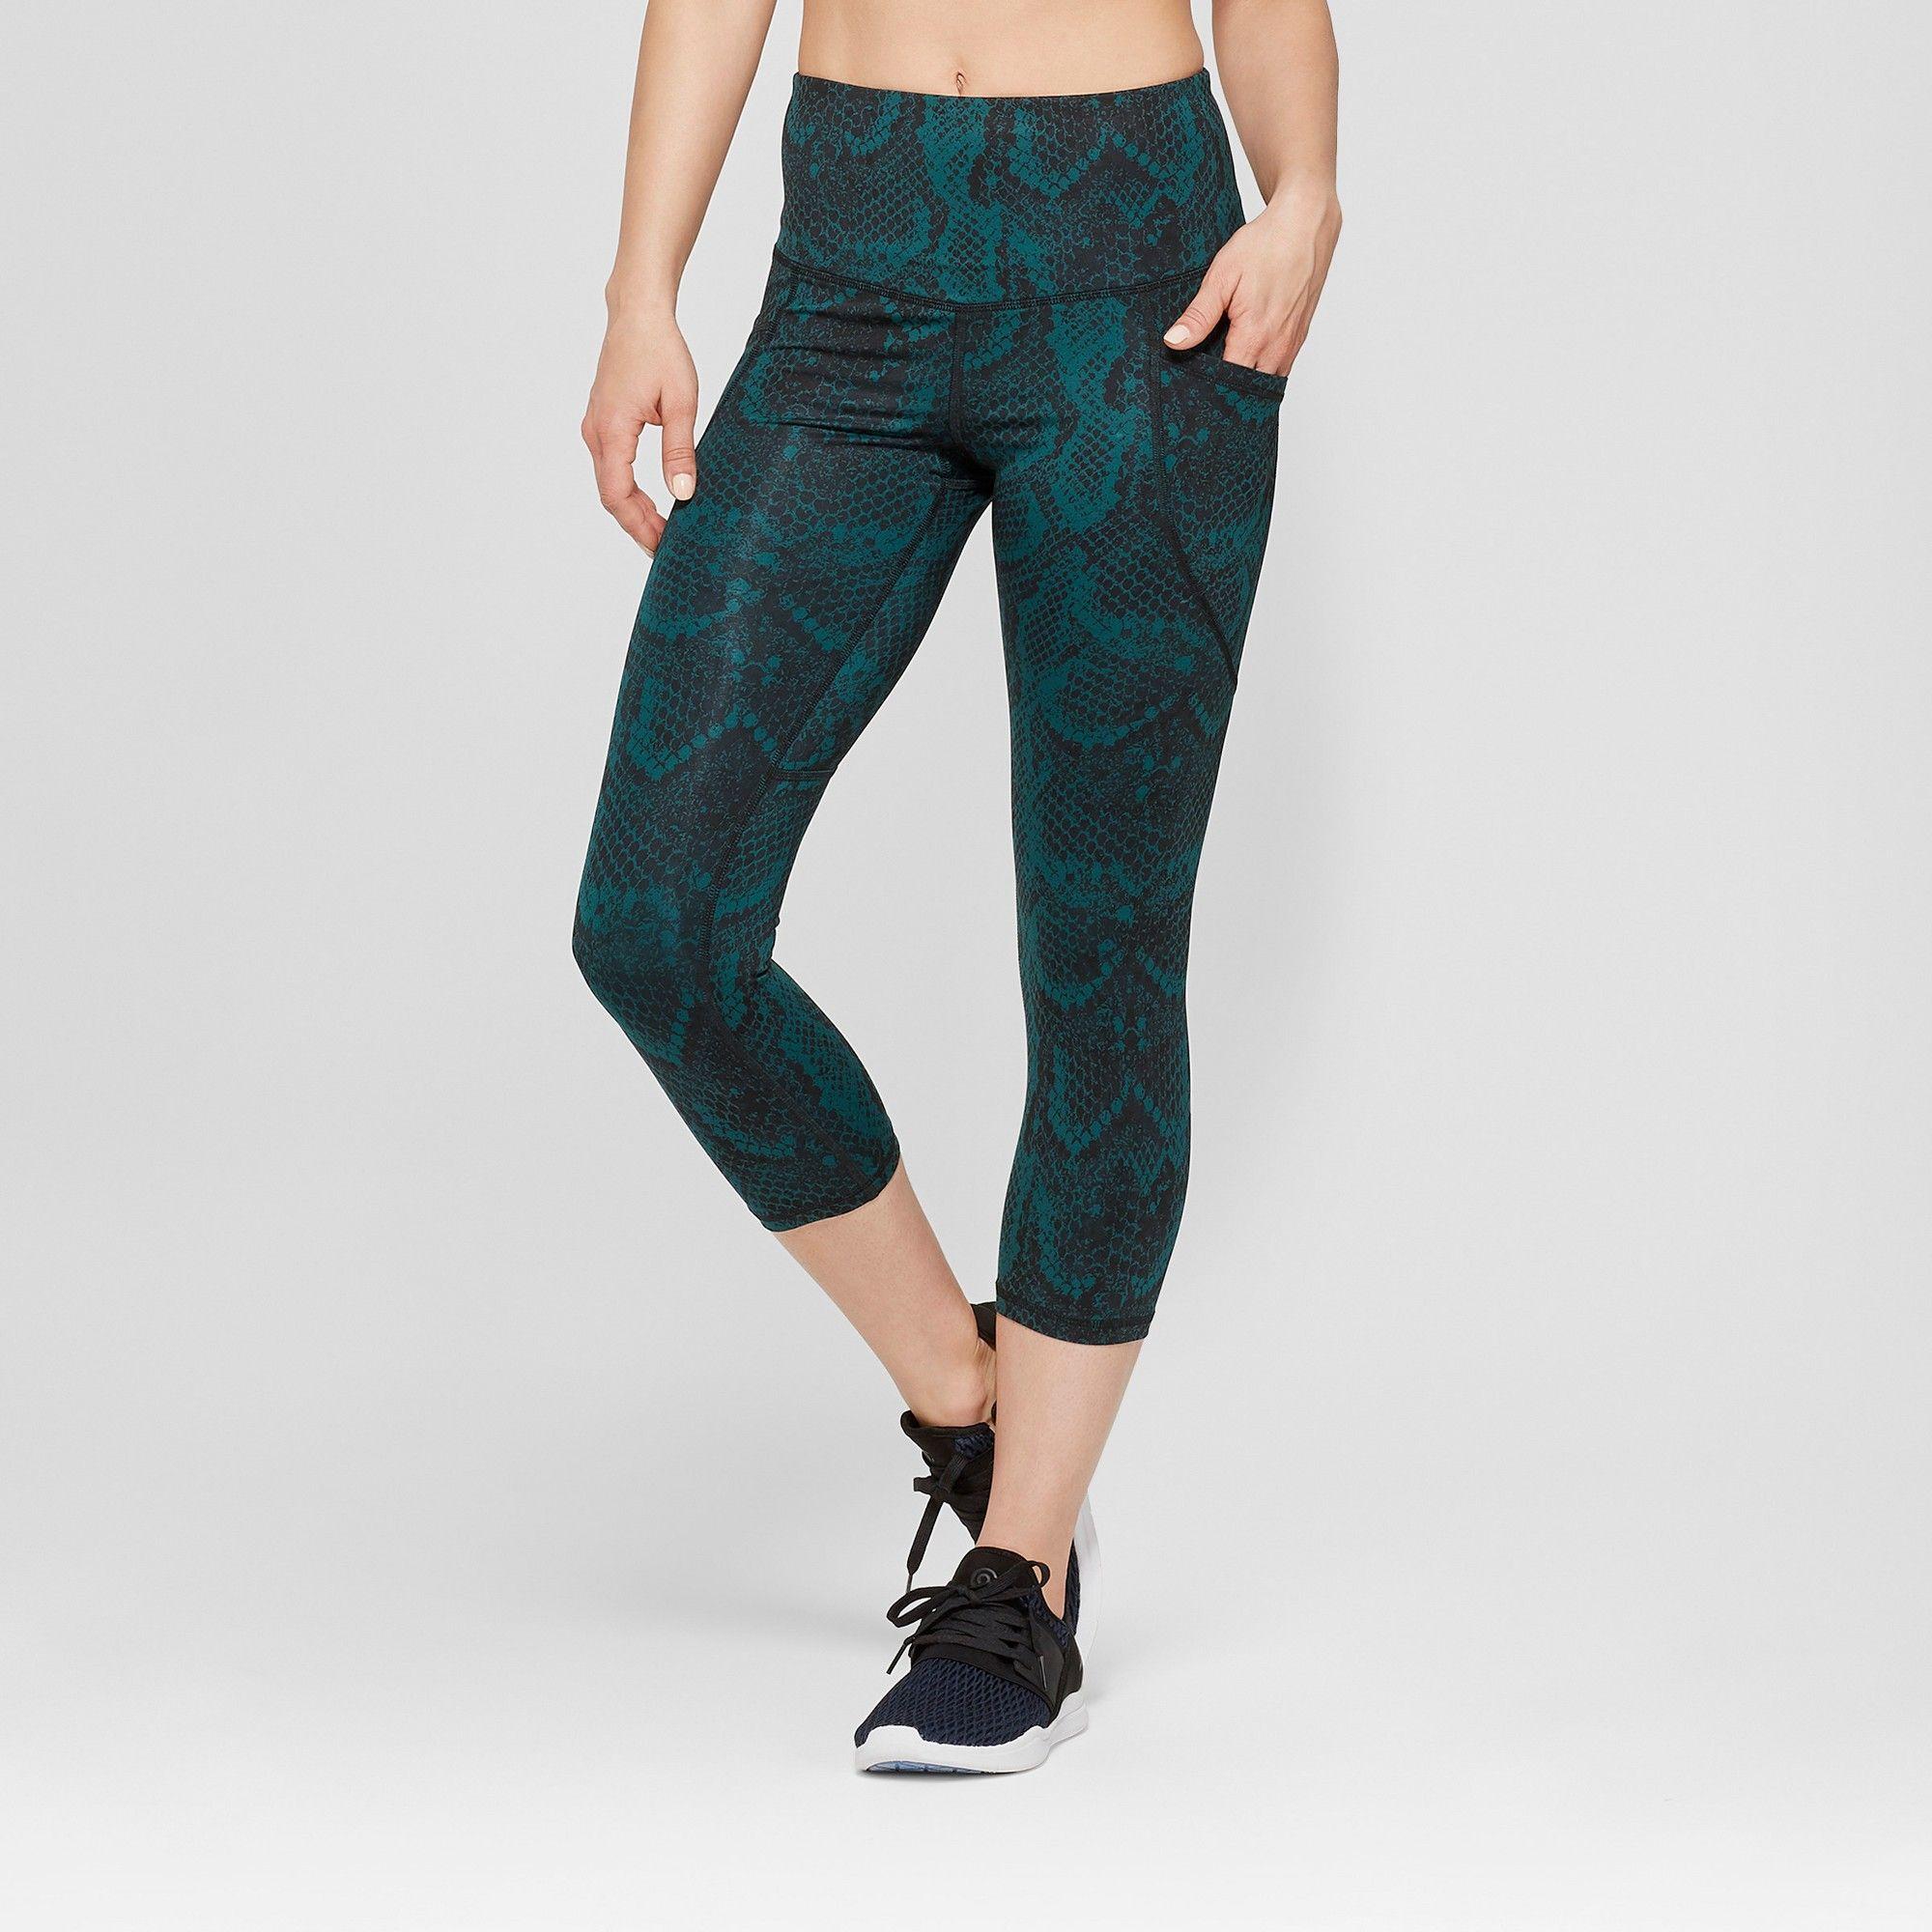 739cc8fe1afc62 Women's Snake Print Embrace High-Waisted Capri Leggings - C9 Champion Night  Garden Green M